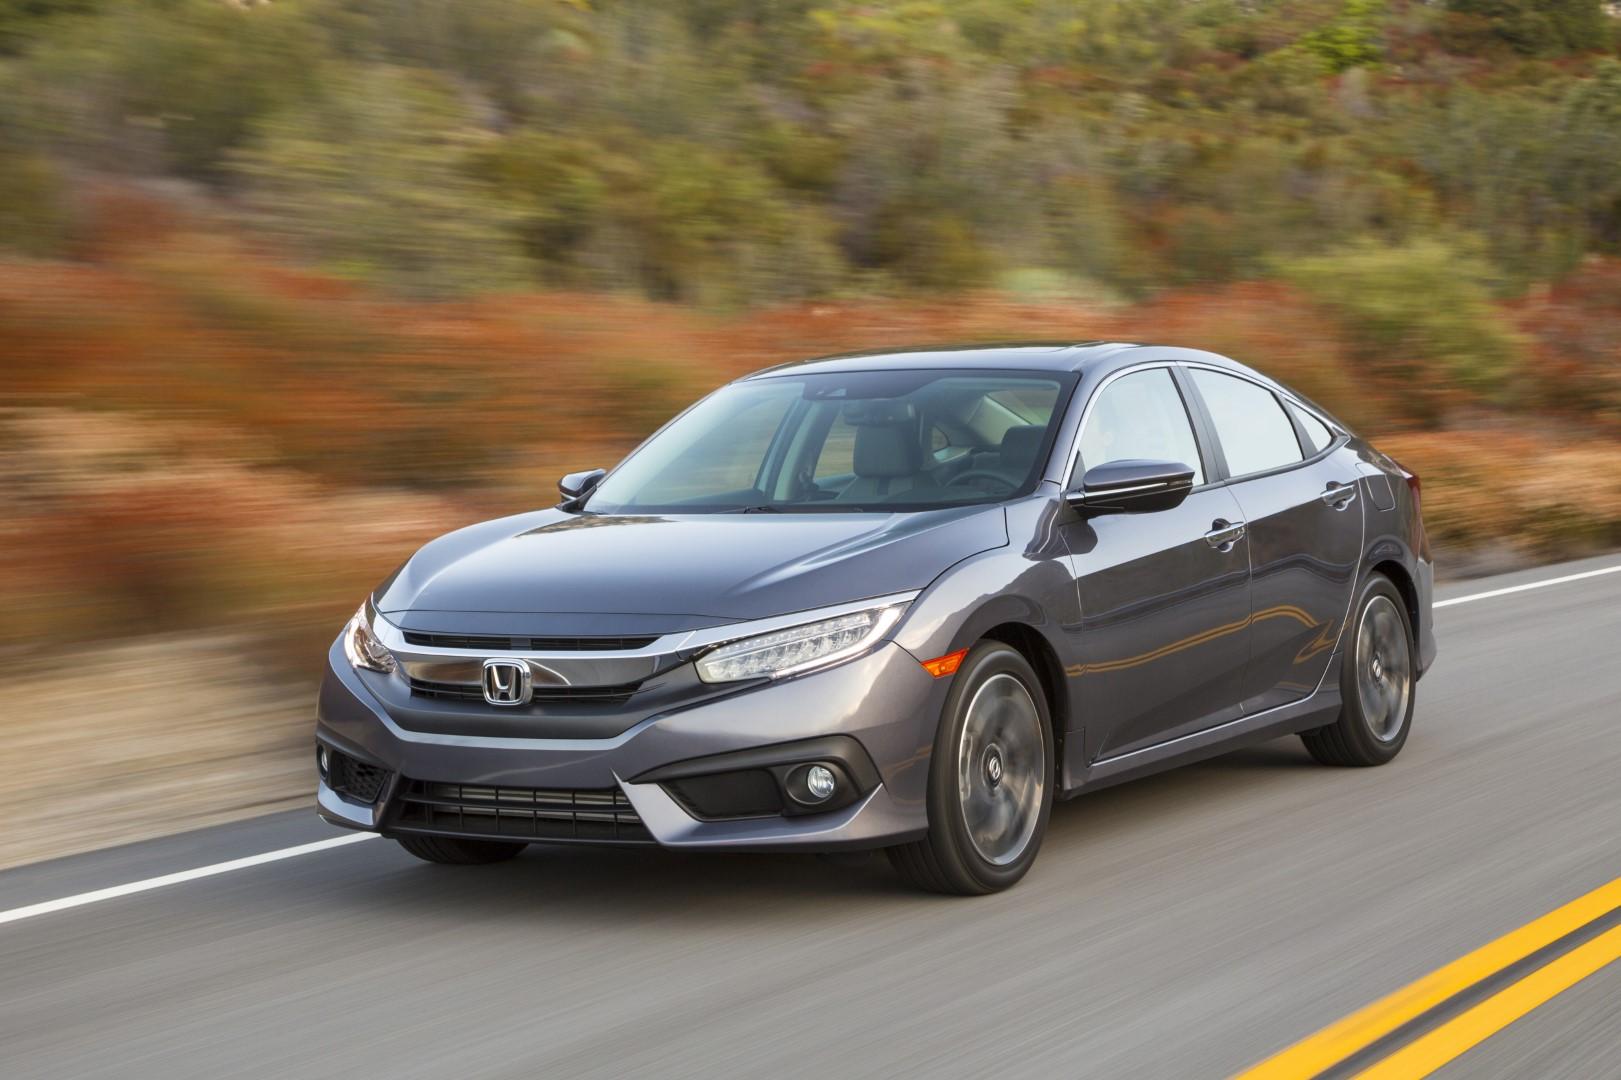 La Honda Civic récompensée au Prix canadien de la voiture verte